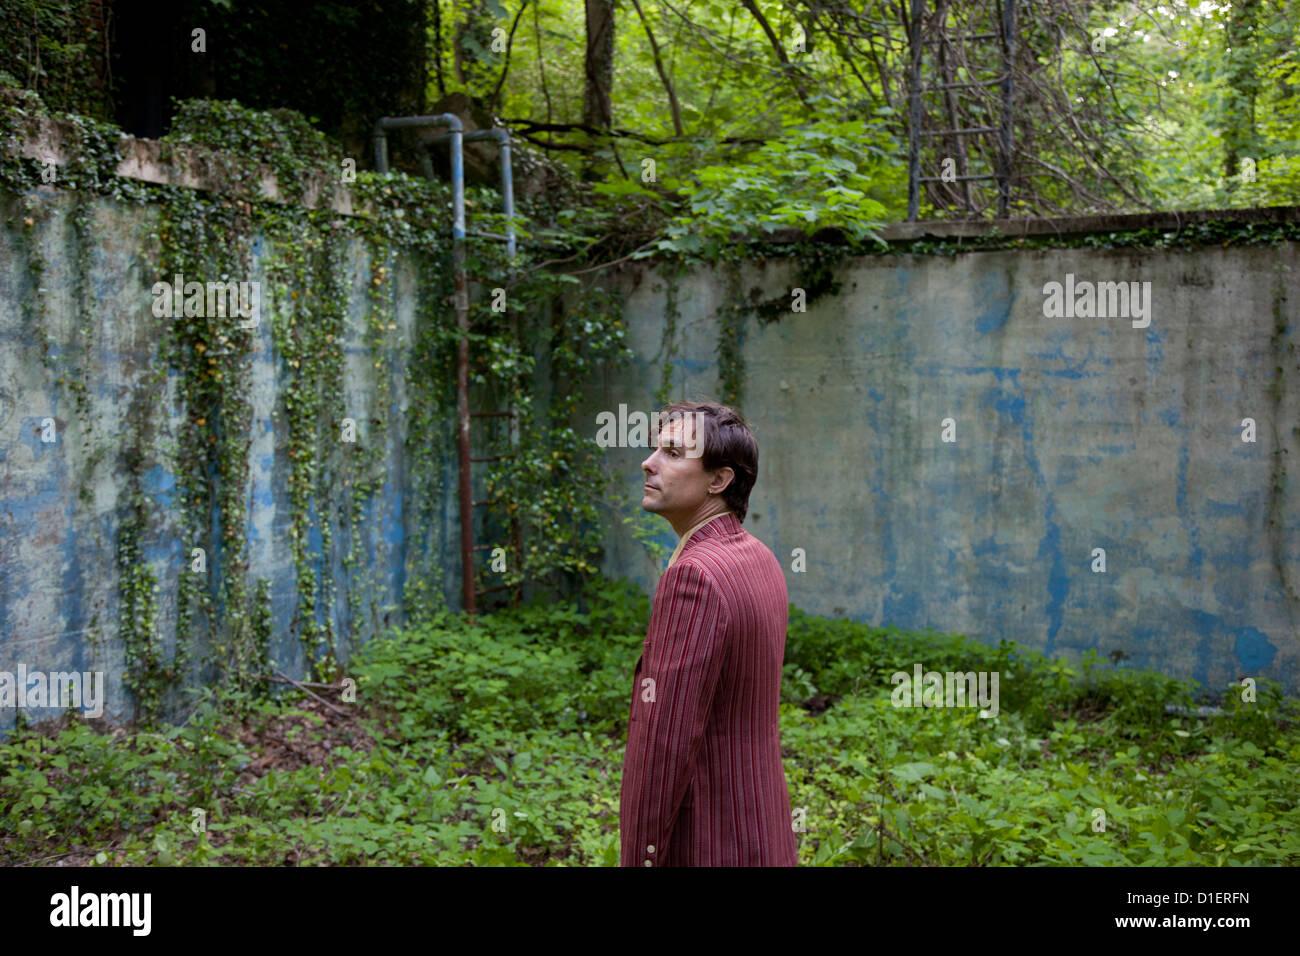 Mann in verwilderten verlassenen Ort Stockbild